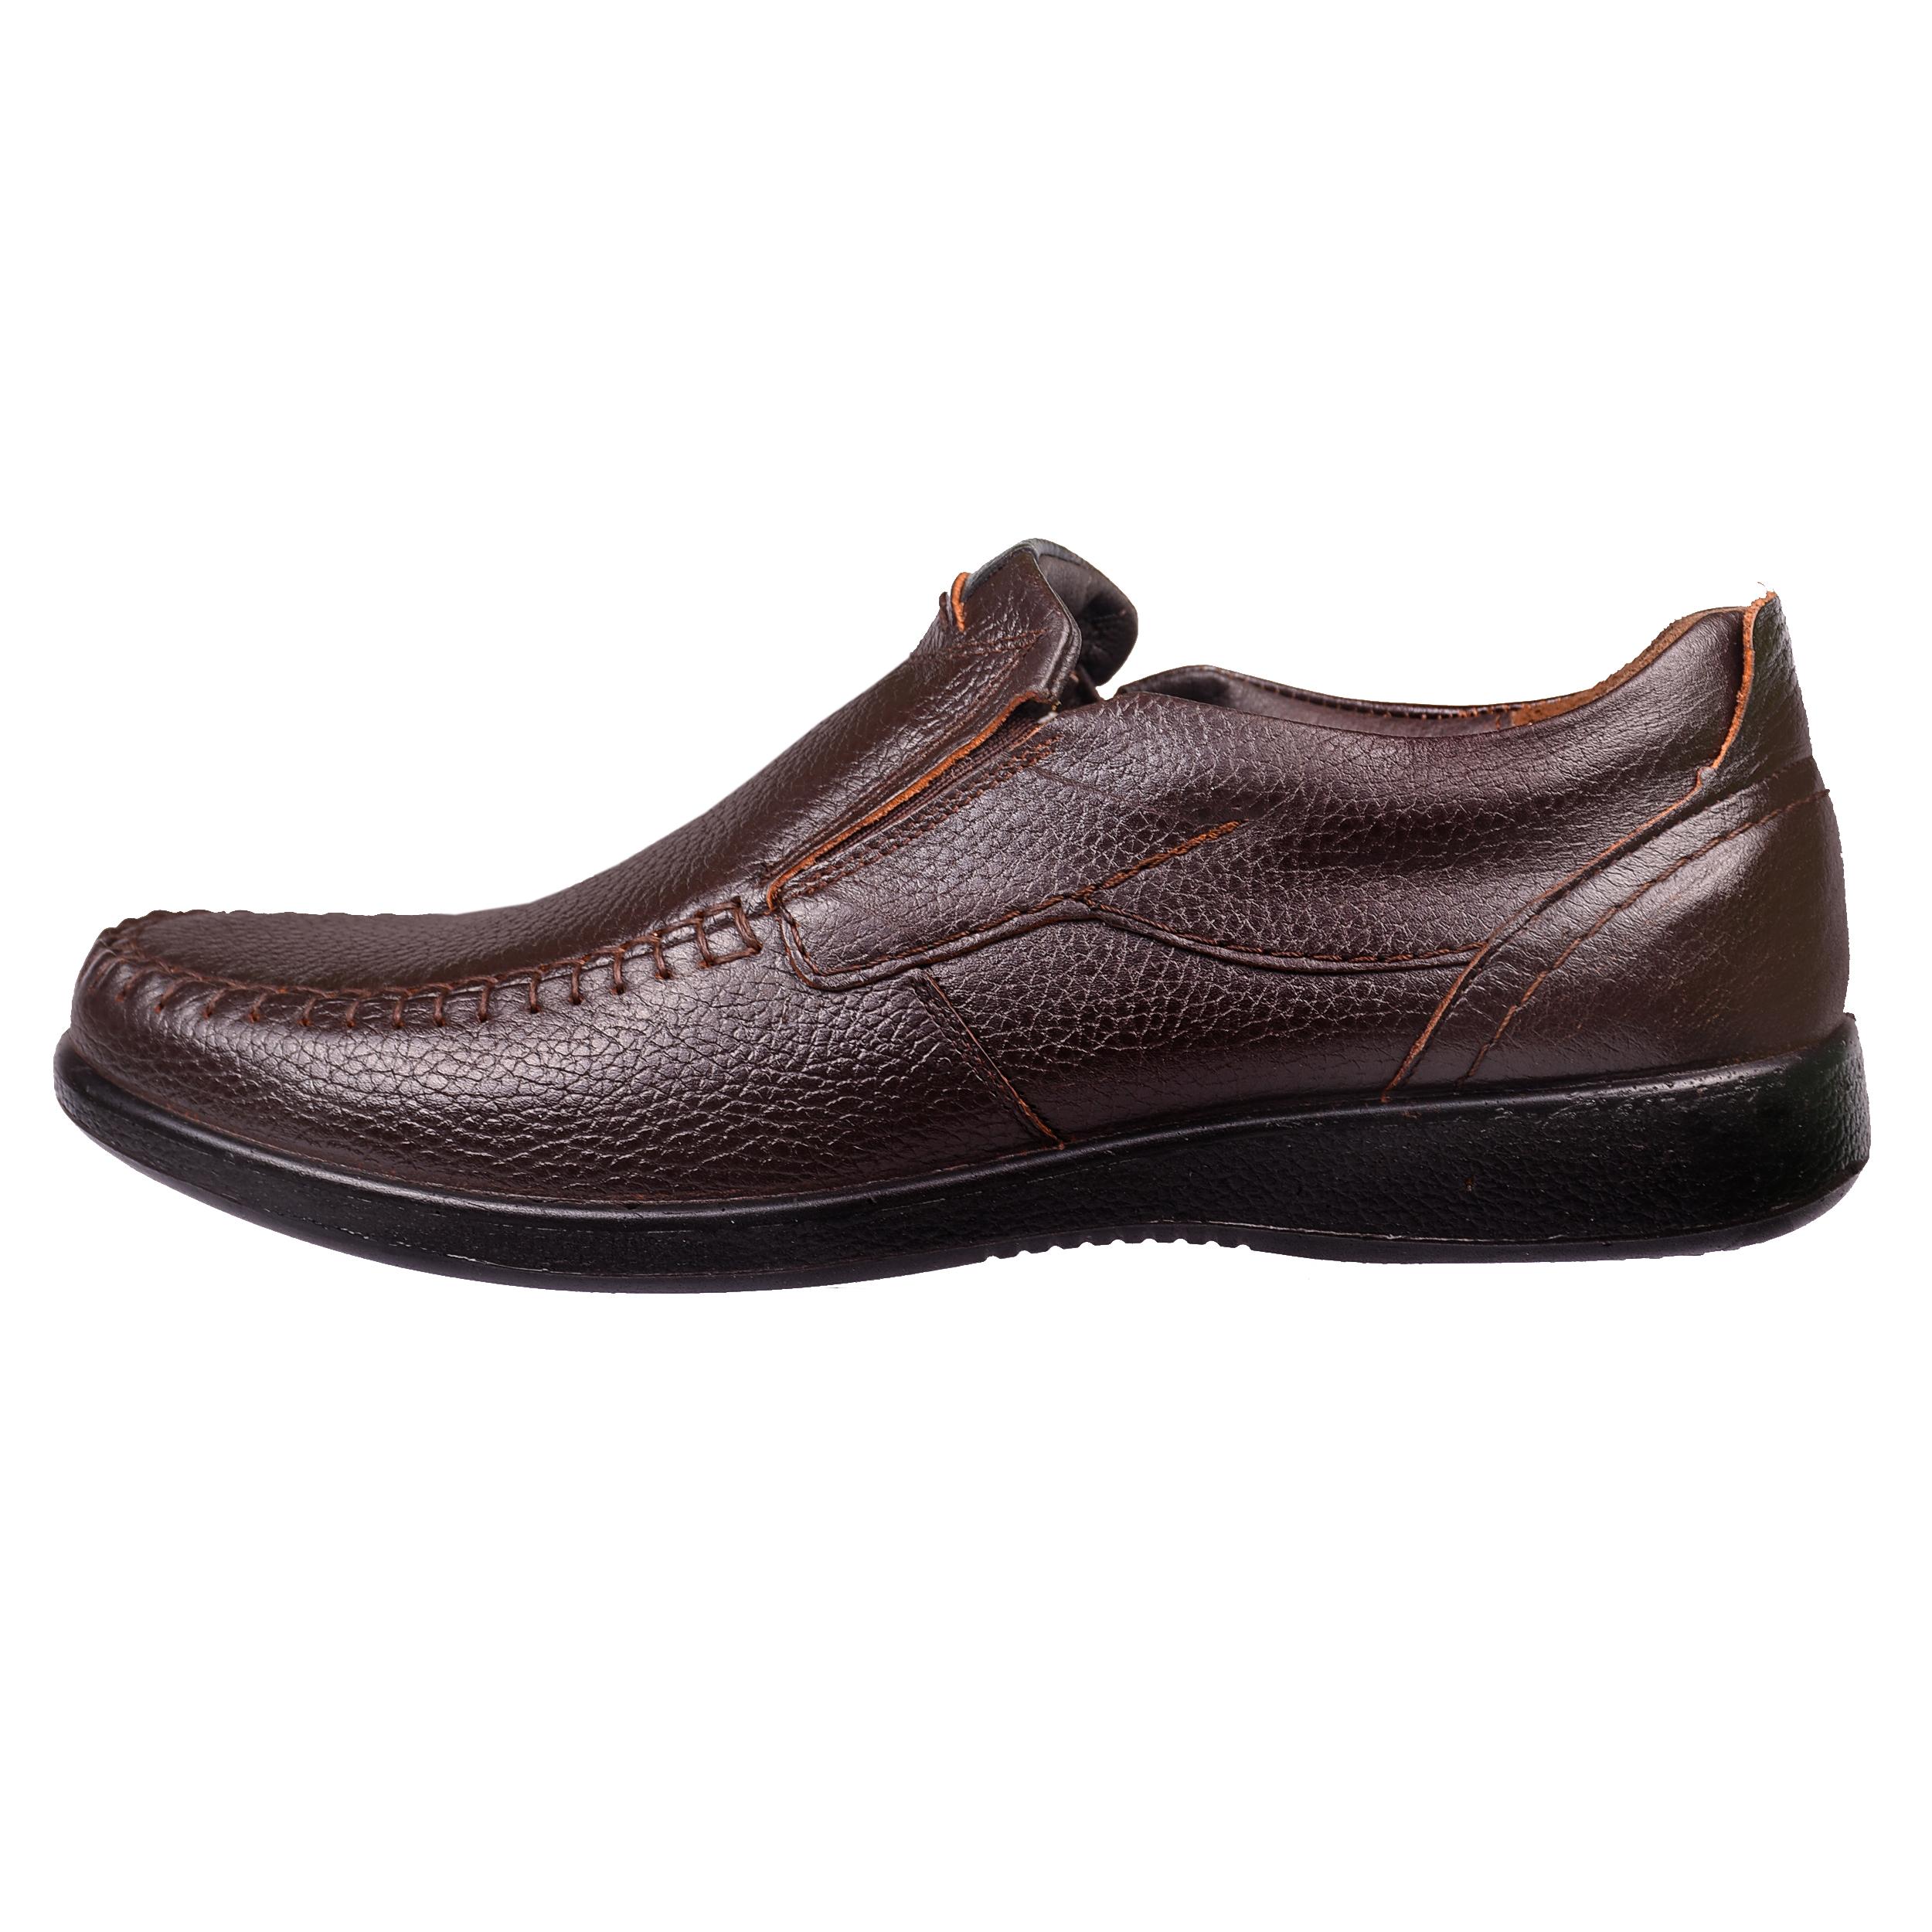 عکس کفش مردانه دکتر فام مدل 1539